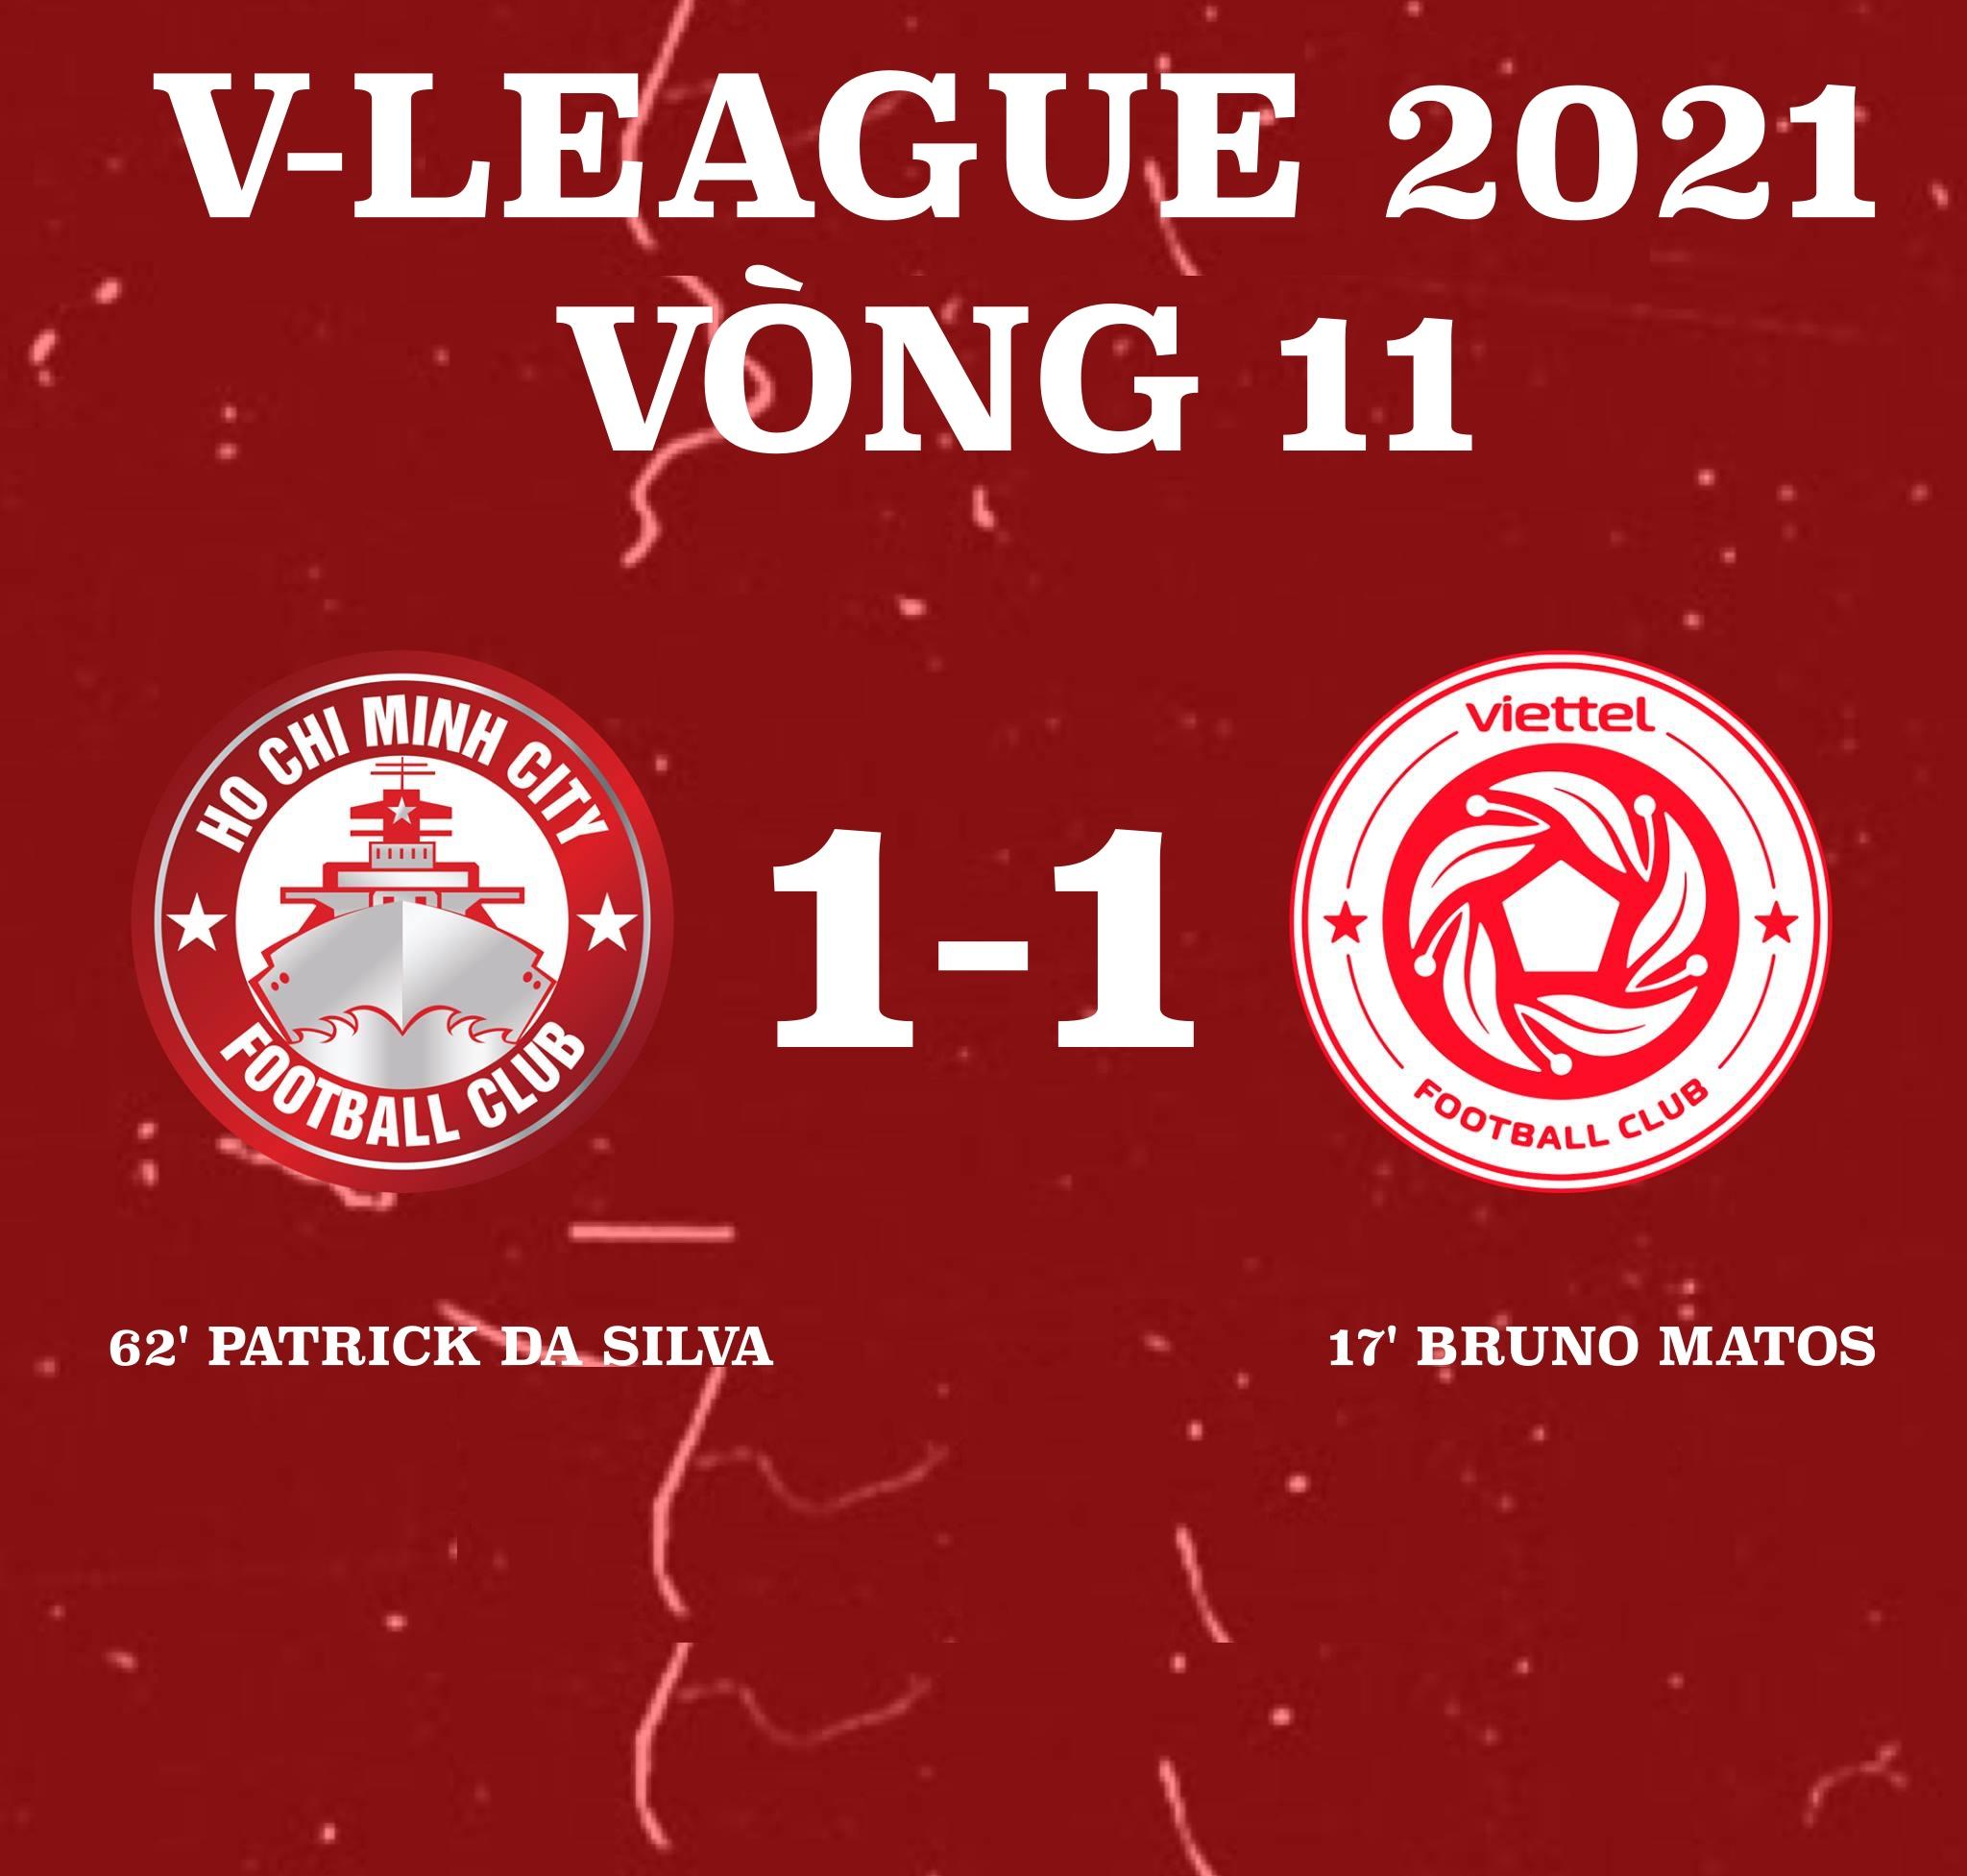 CLB Viettel 1-1 CLB TP.HCM: Bất phân thắng bại